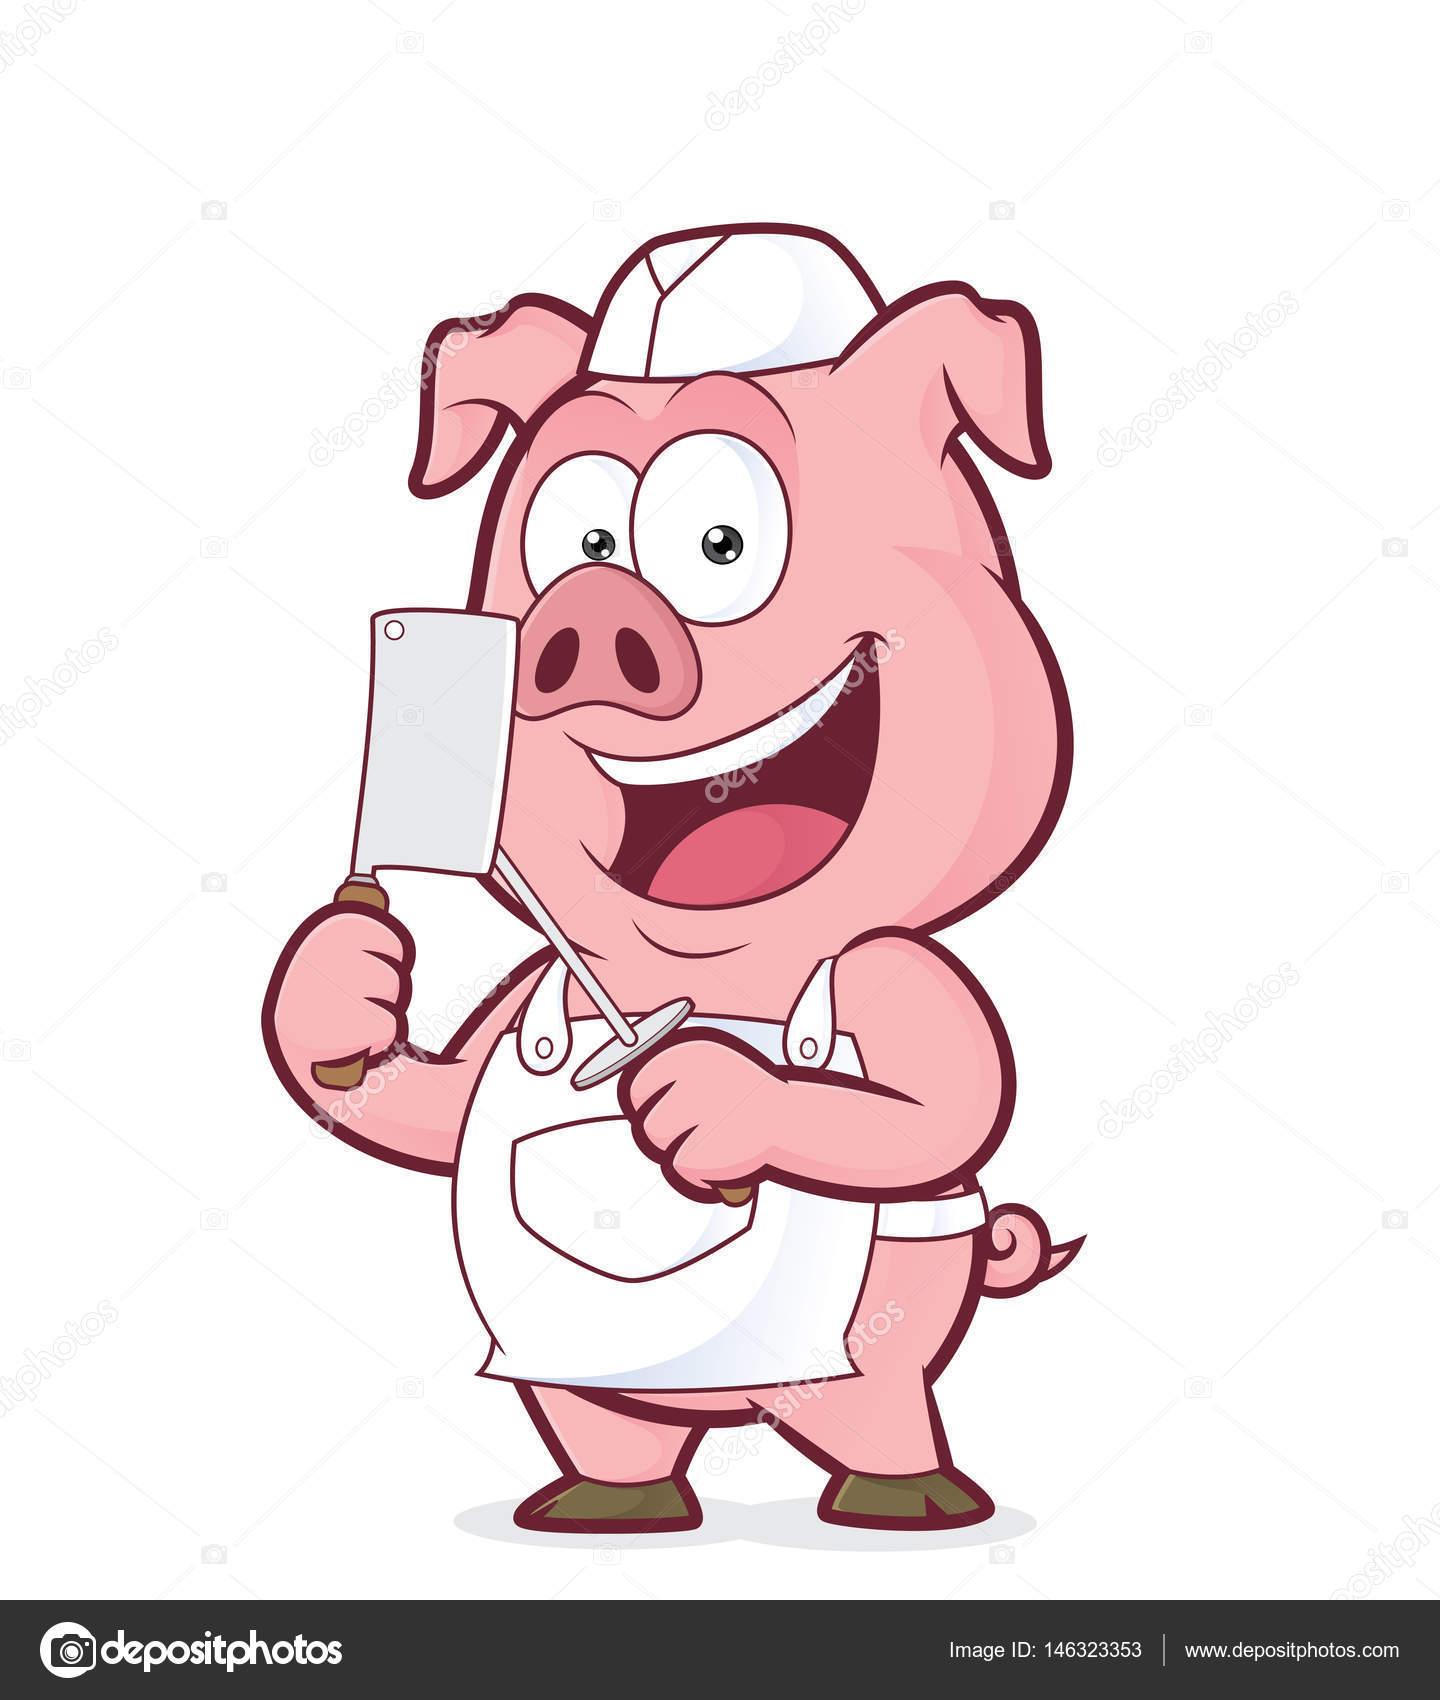 Dessin Boucher boucher de cochon souriant — image vectorielle sundatoon © #146323353